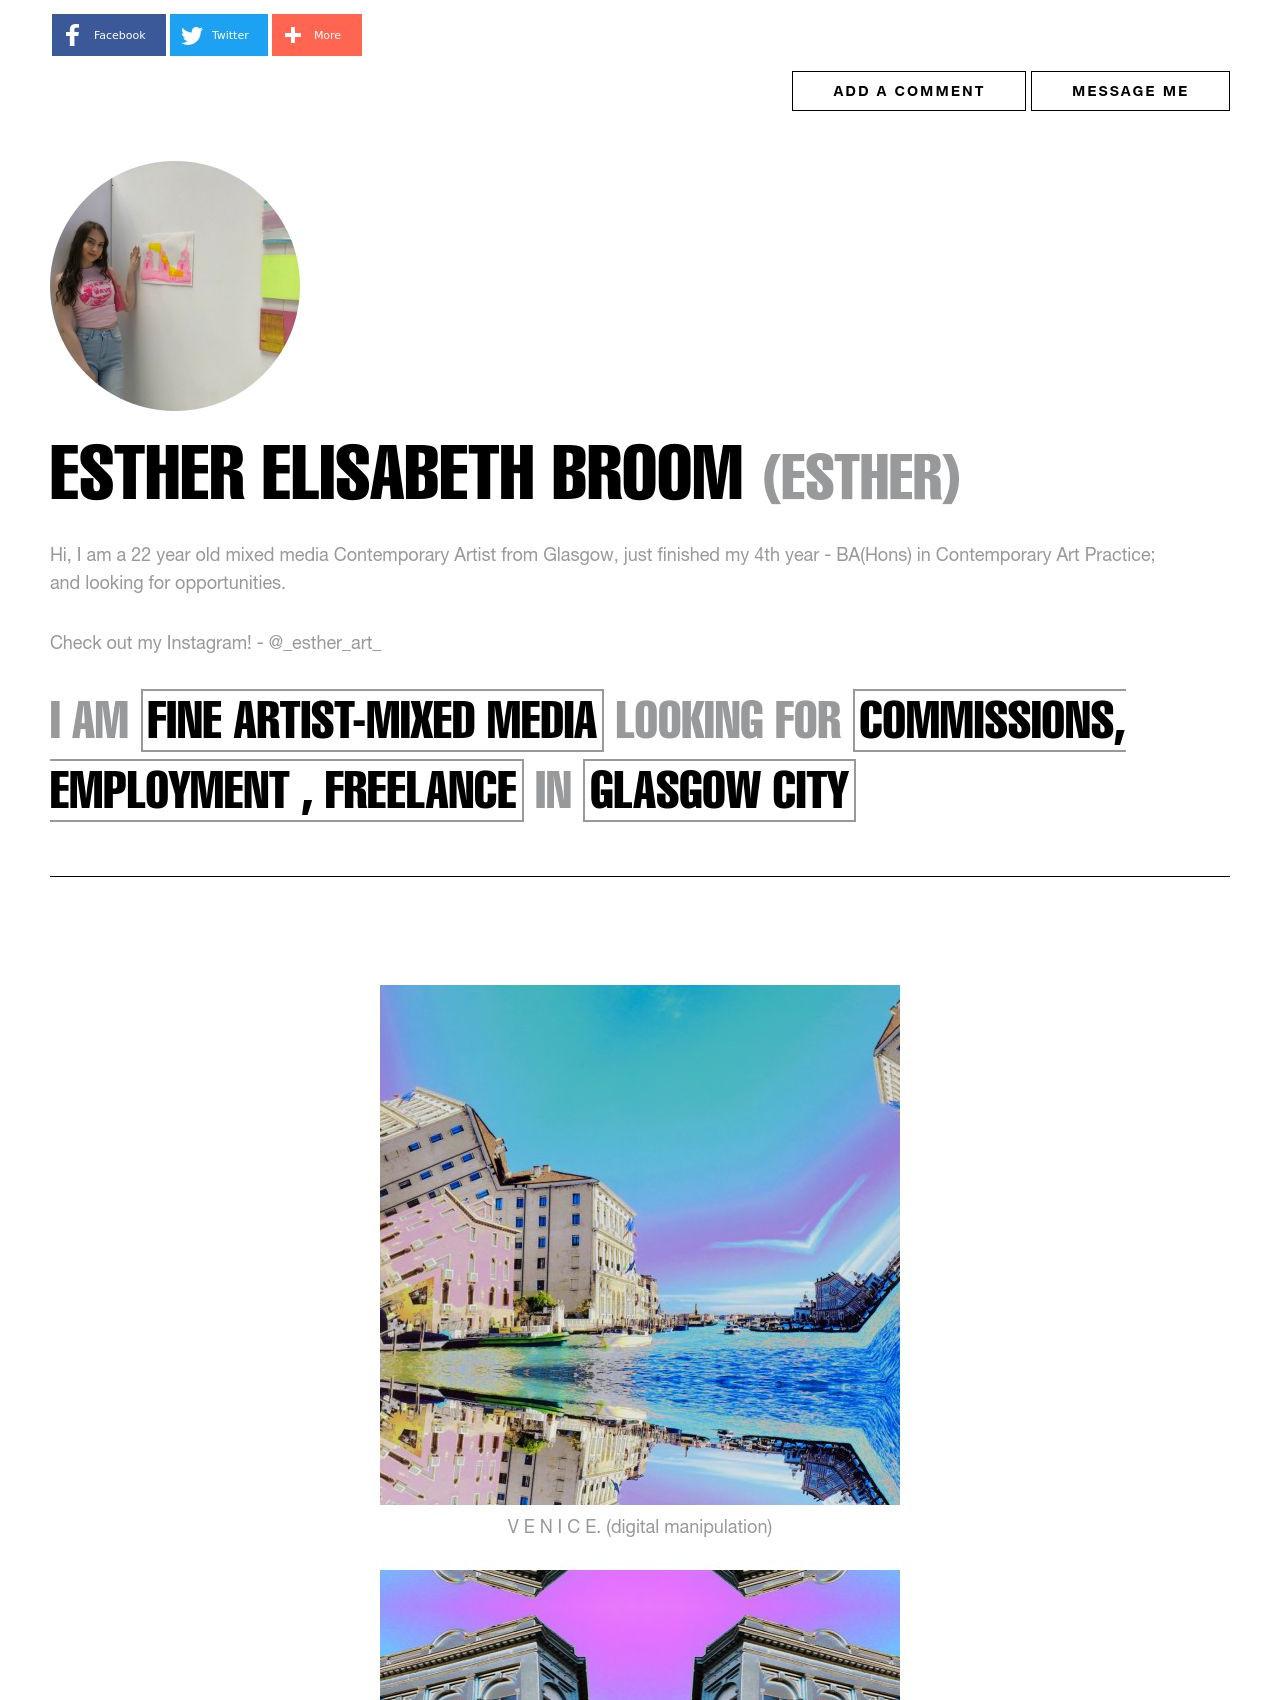 Esther Elisabeth Broom